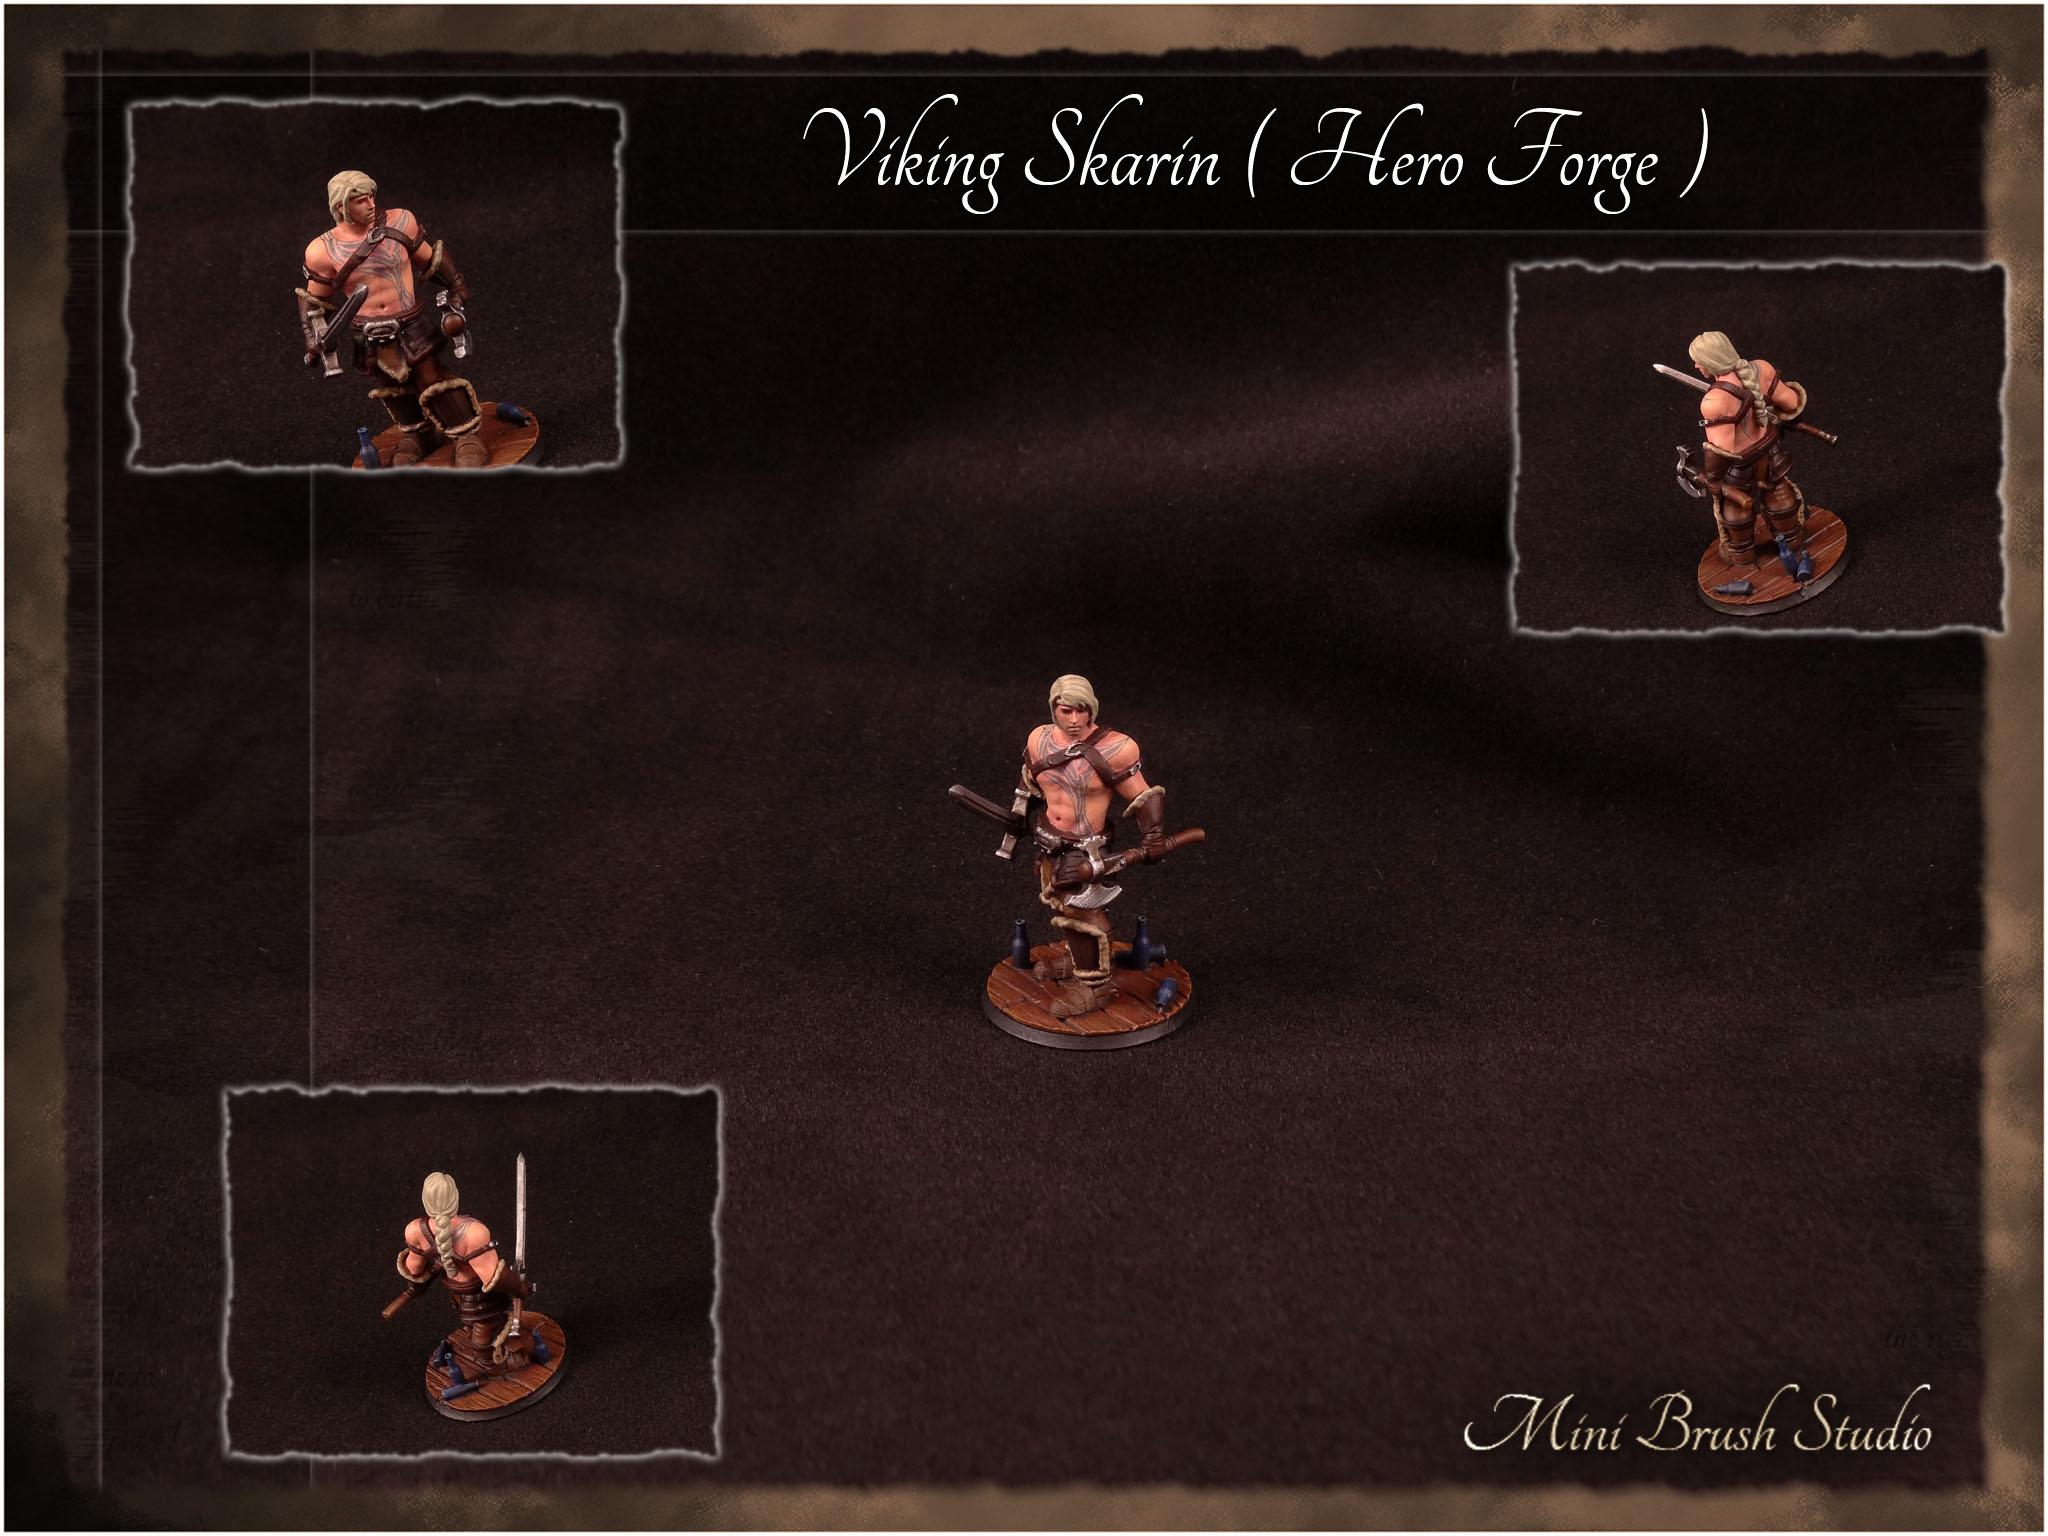 Viking Skarin ( Hero Forge ) 1 v7.00.jpg